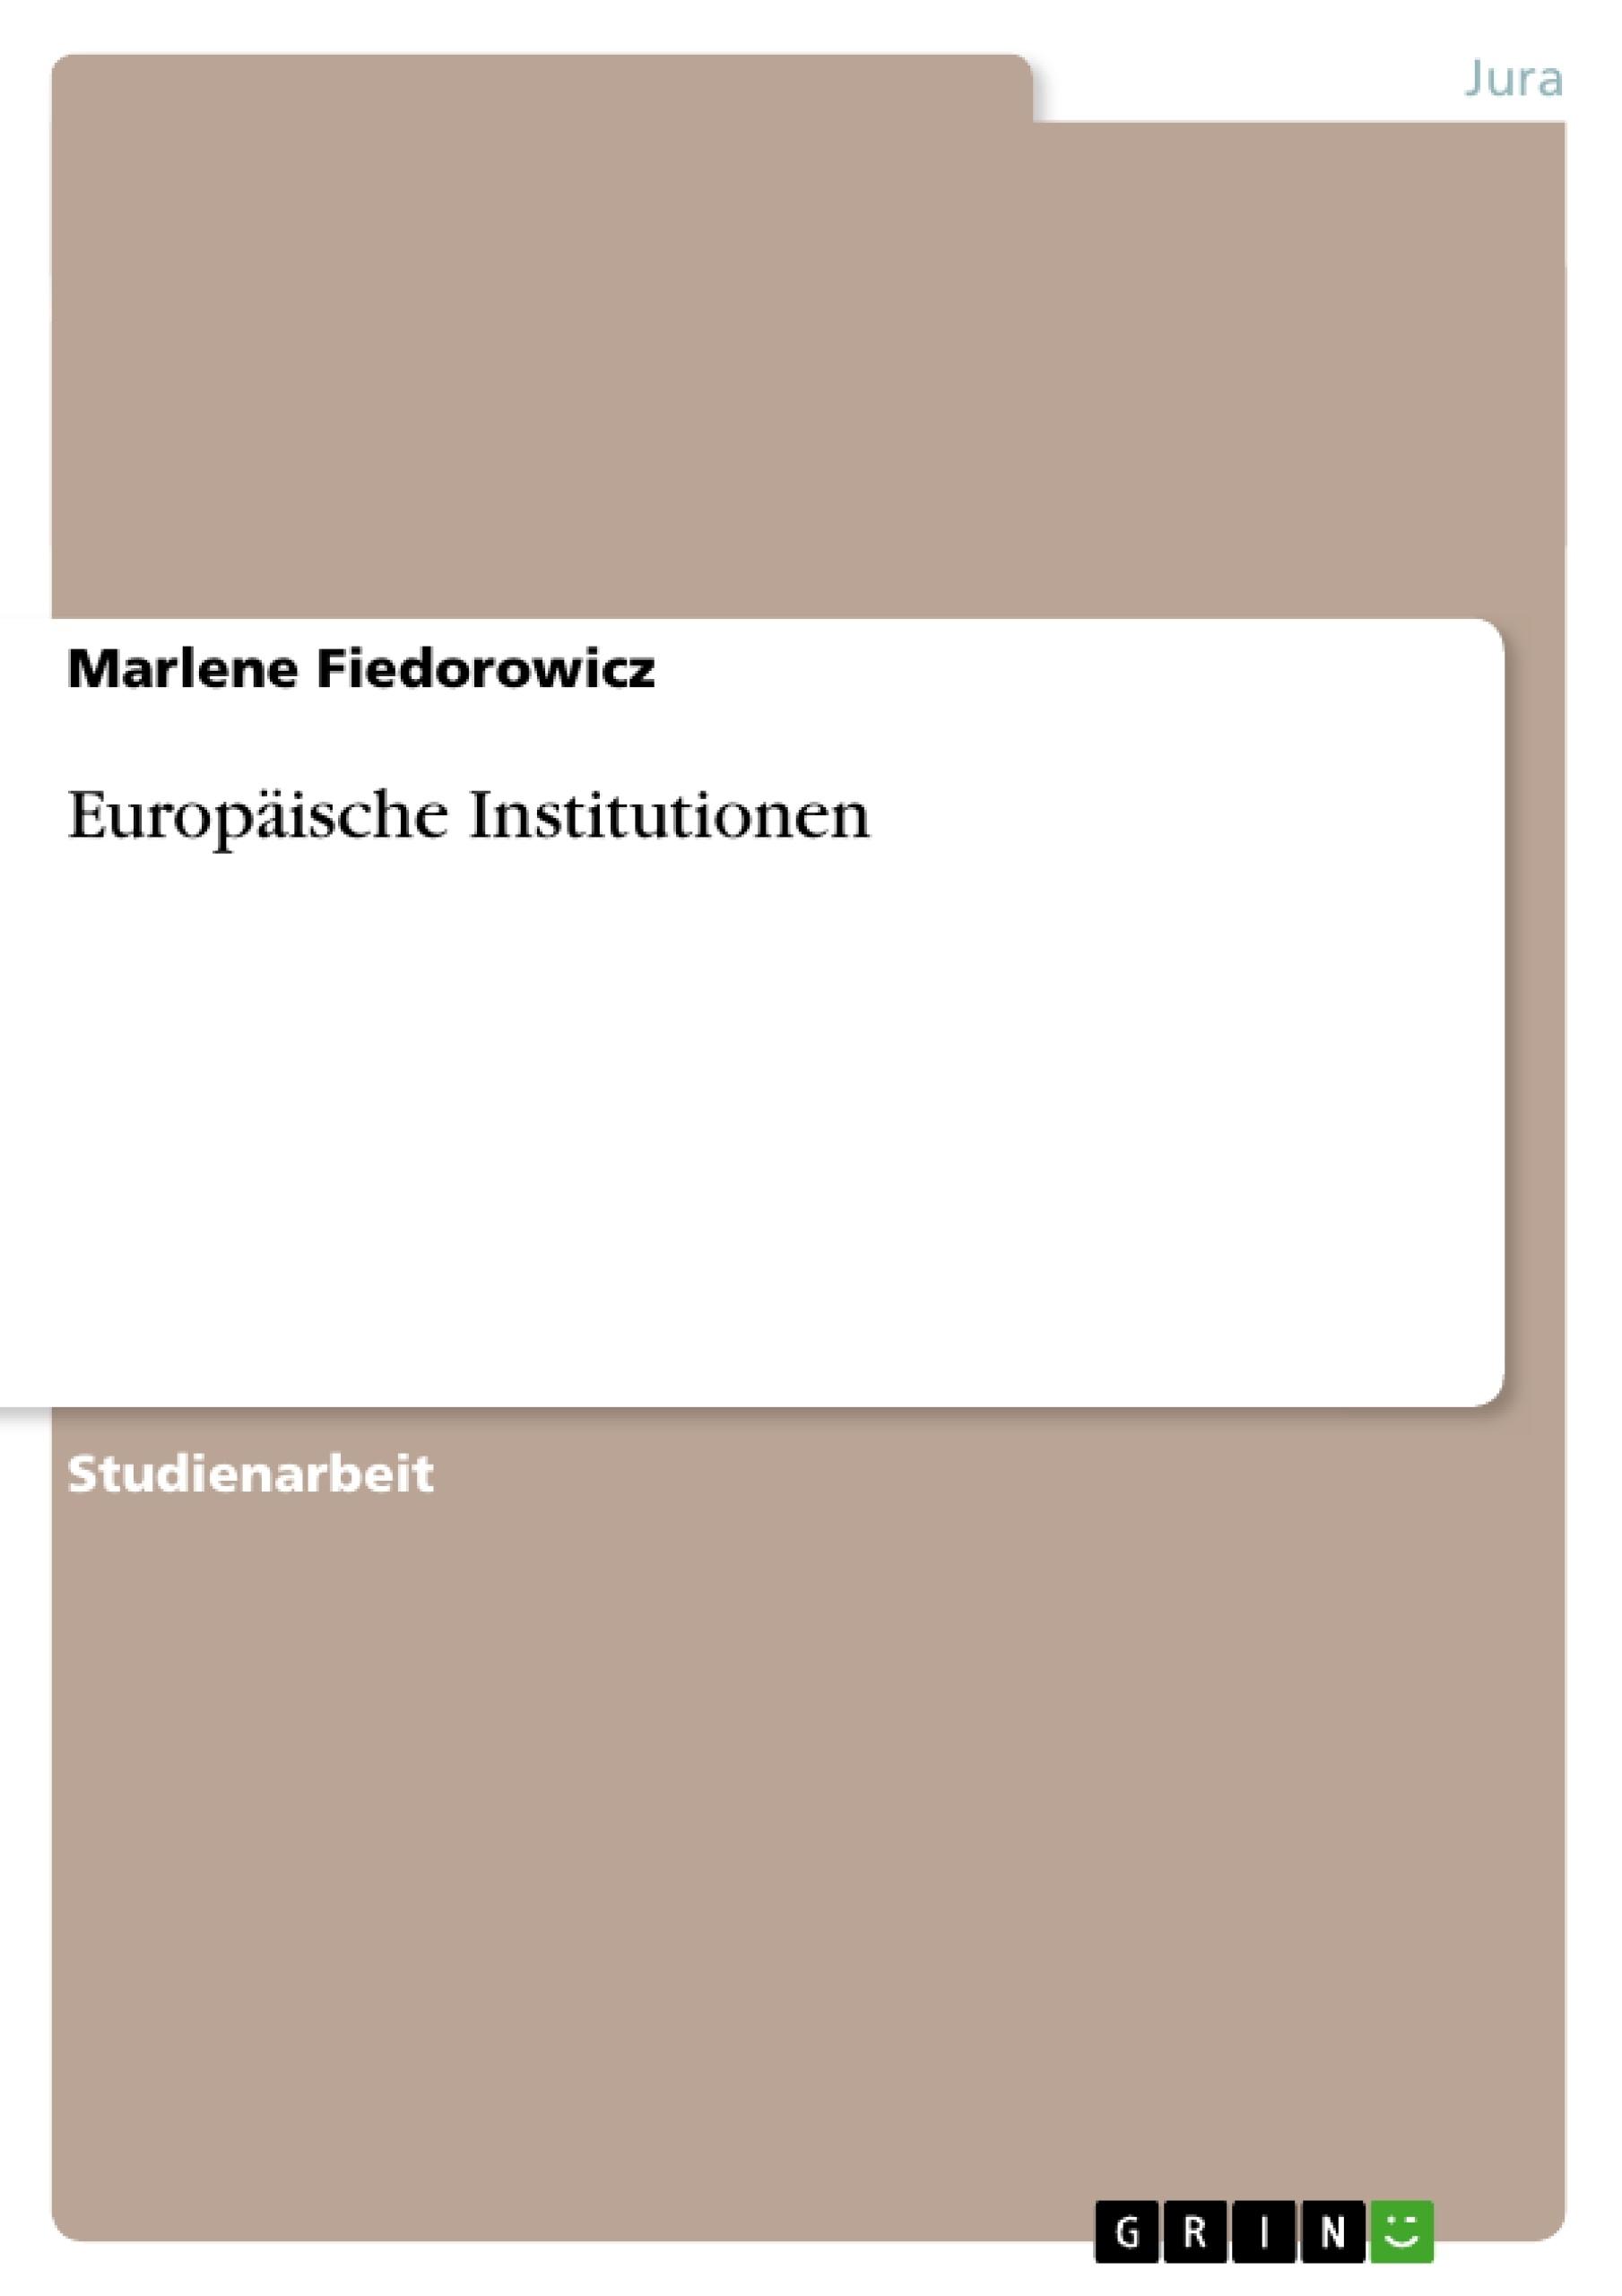 Titel: Europäische Institutionen